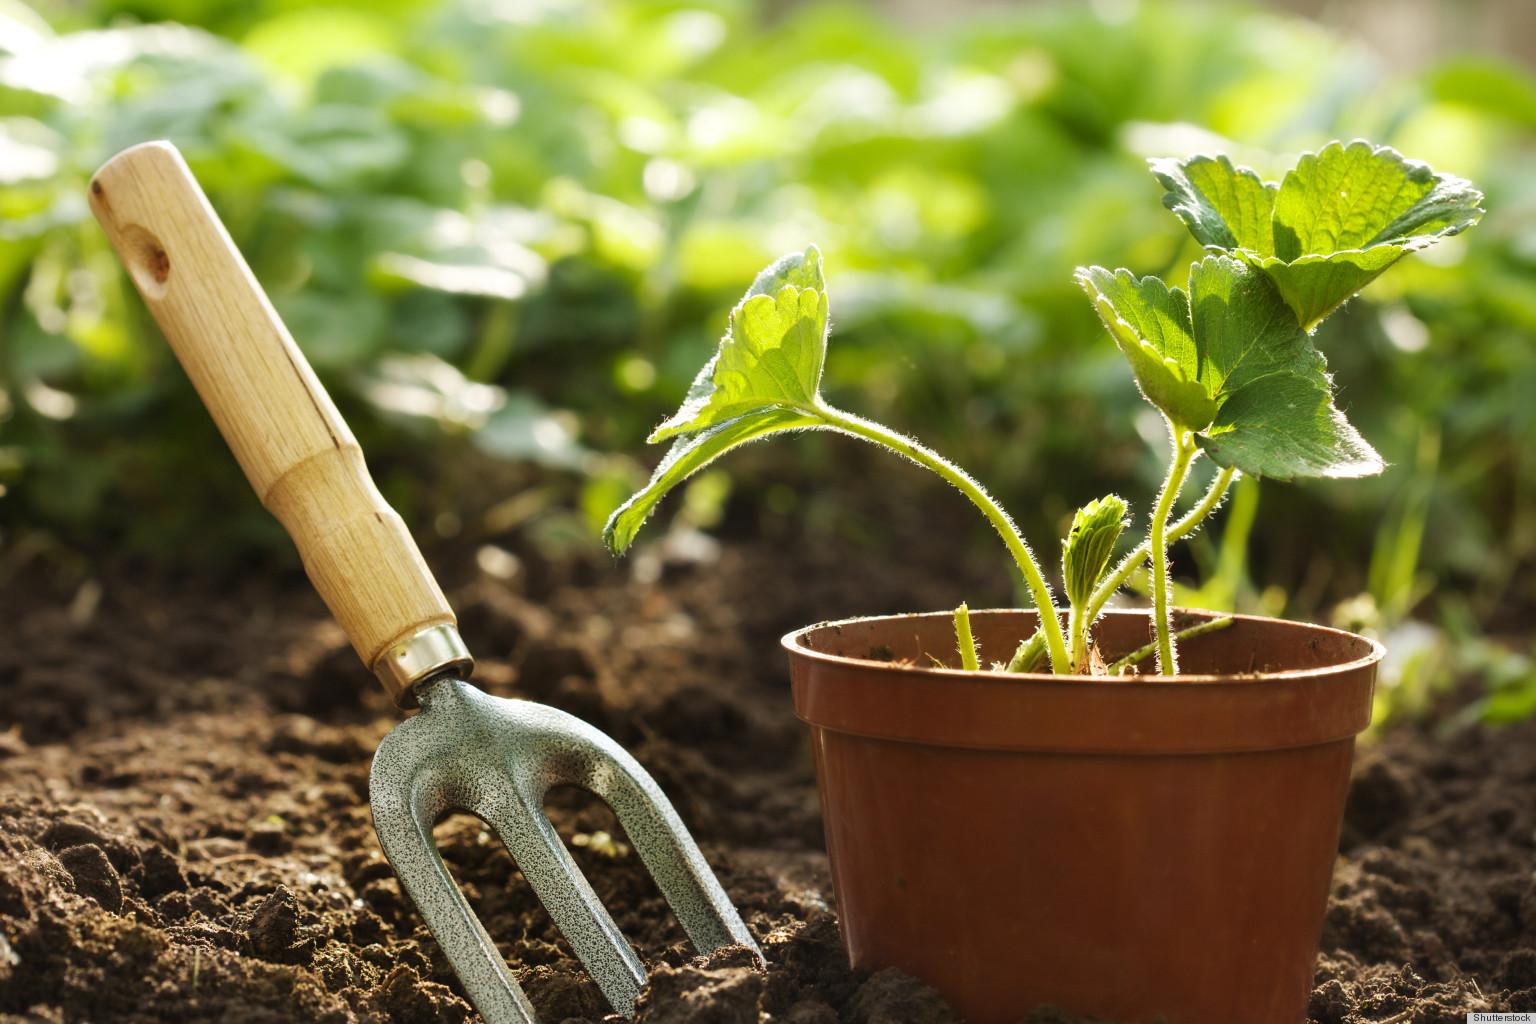 idee deco jardin, préparer la terre, planter des plantes vertes, un étape nécessaire pour créer un joli jardin